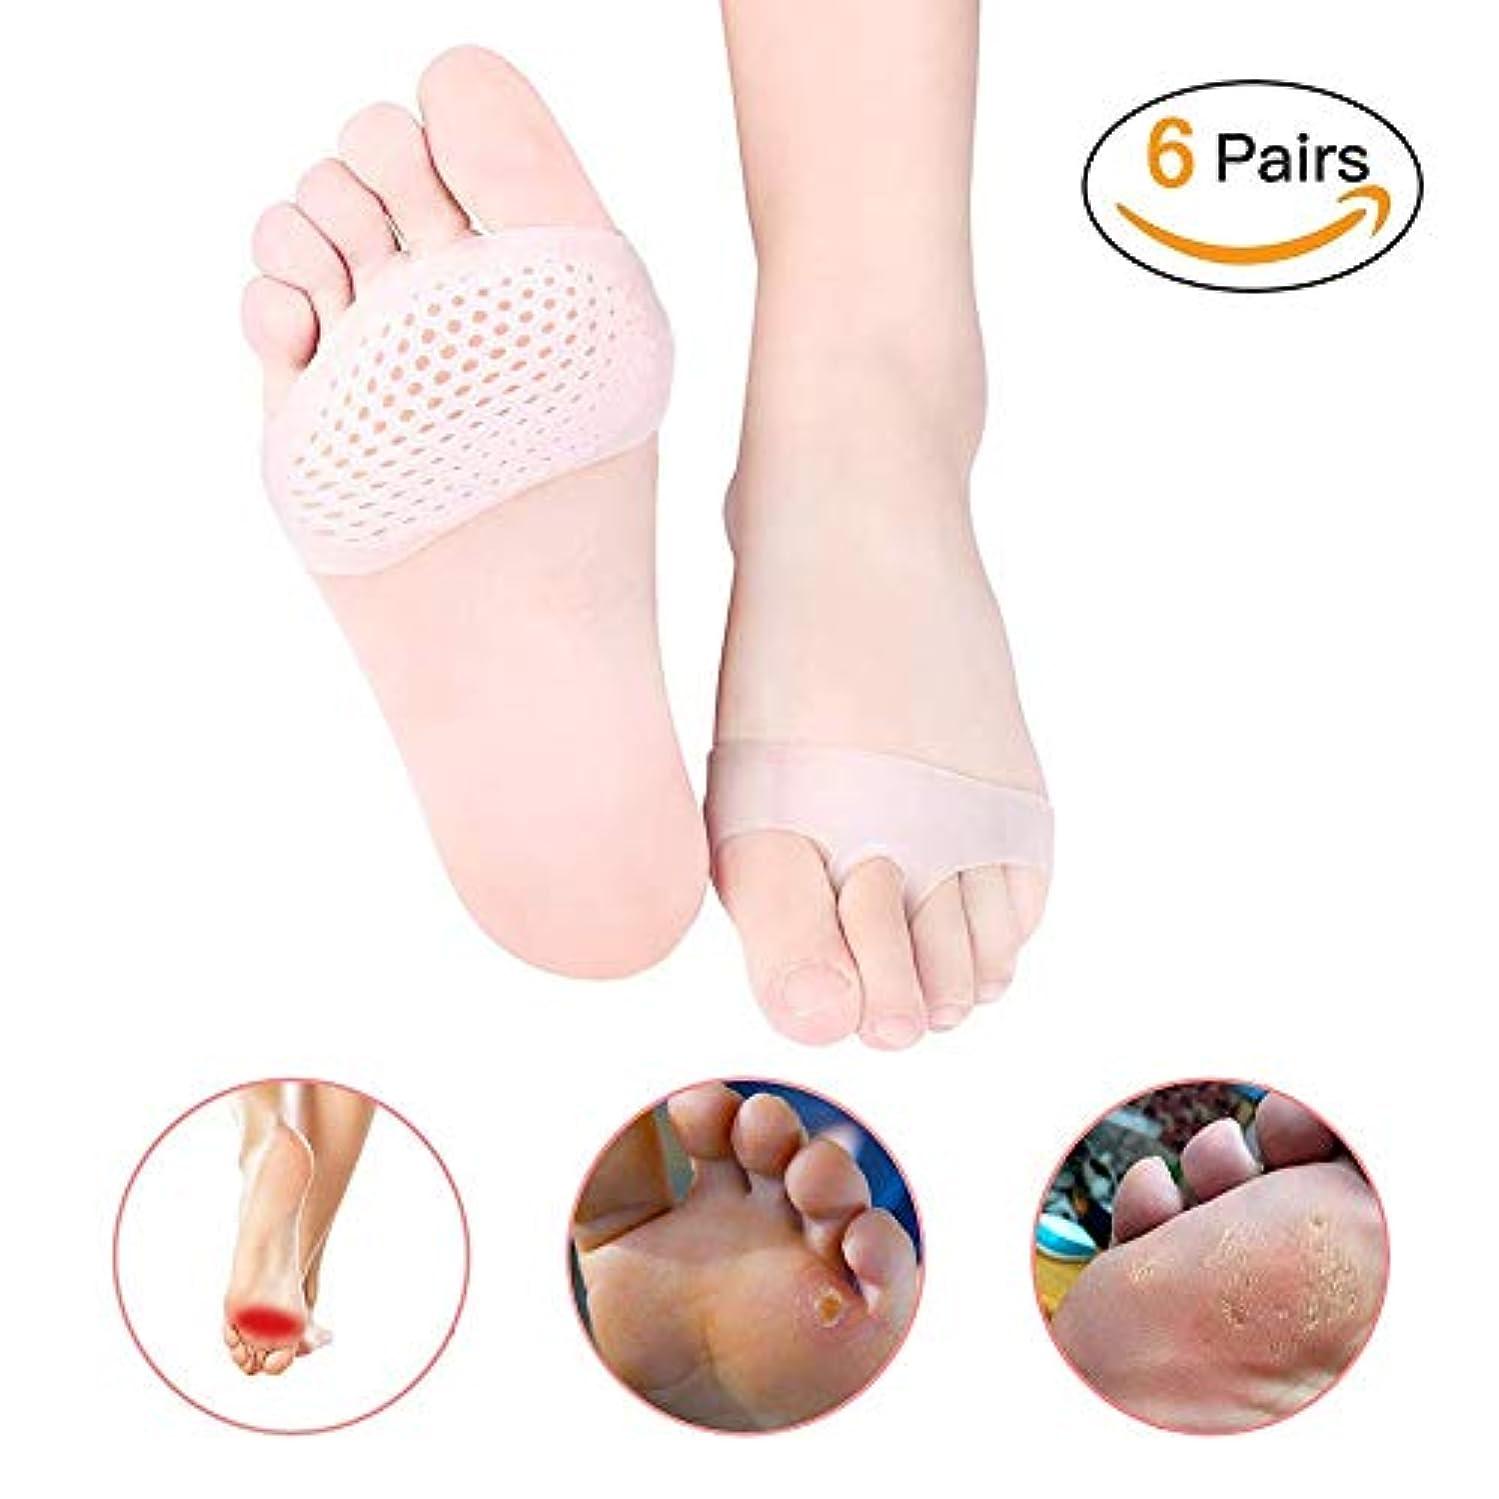 不変する必要がある症状ボールオブフットクッションキット女性と男性用中足パッド、前足の痛みを和らげ、大きすぎる靴、ハイキング、ウォーキングに最適White-6 Pairs